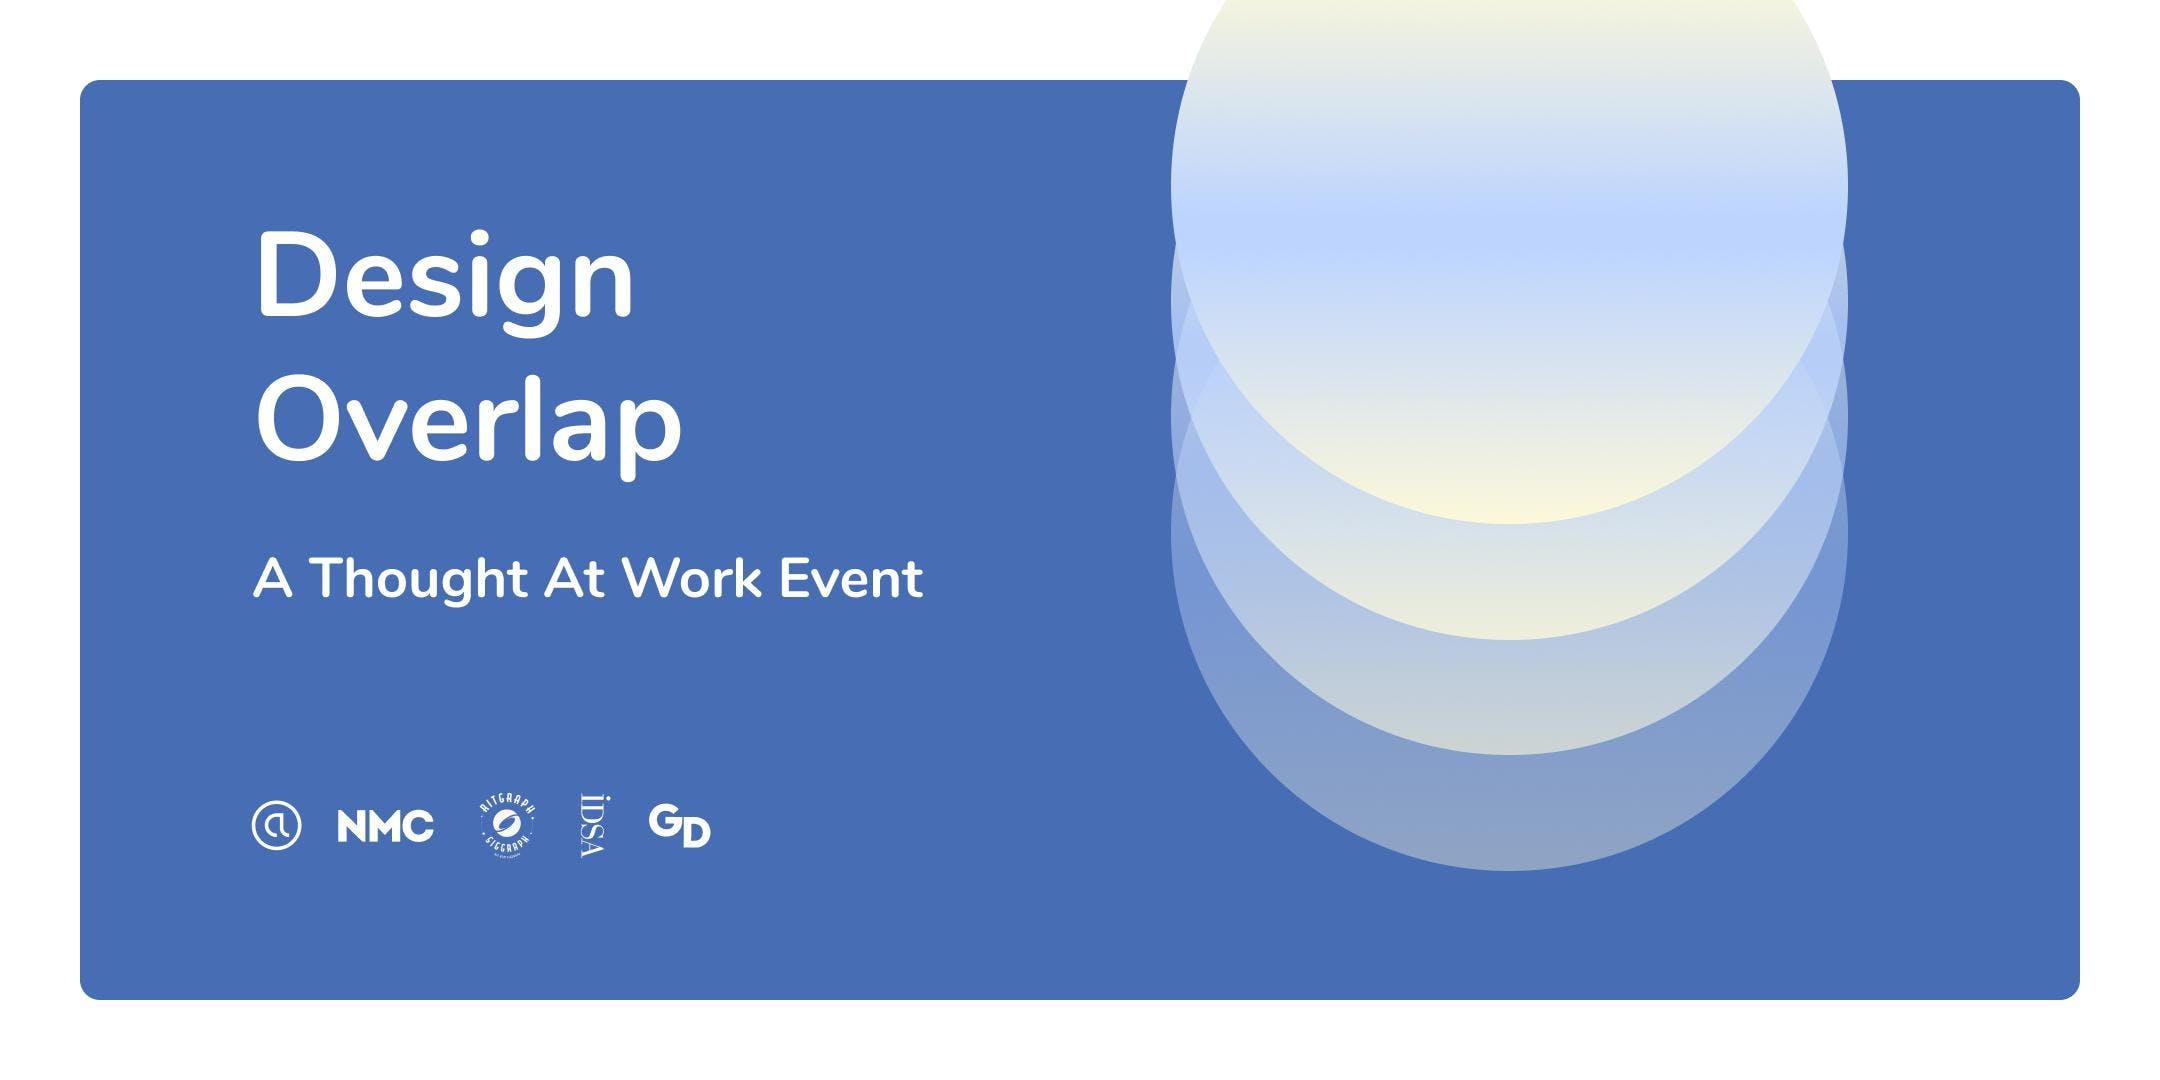 Design Overlap